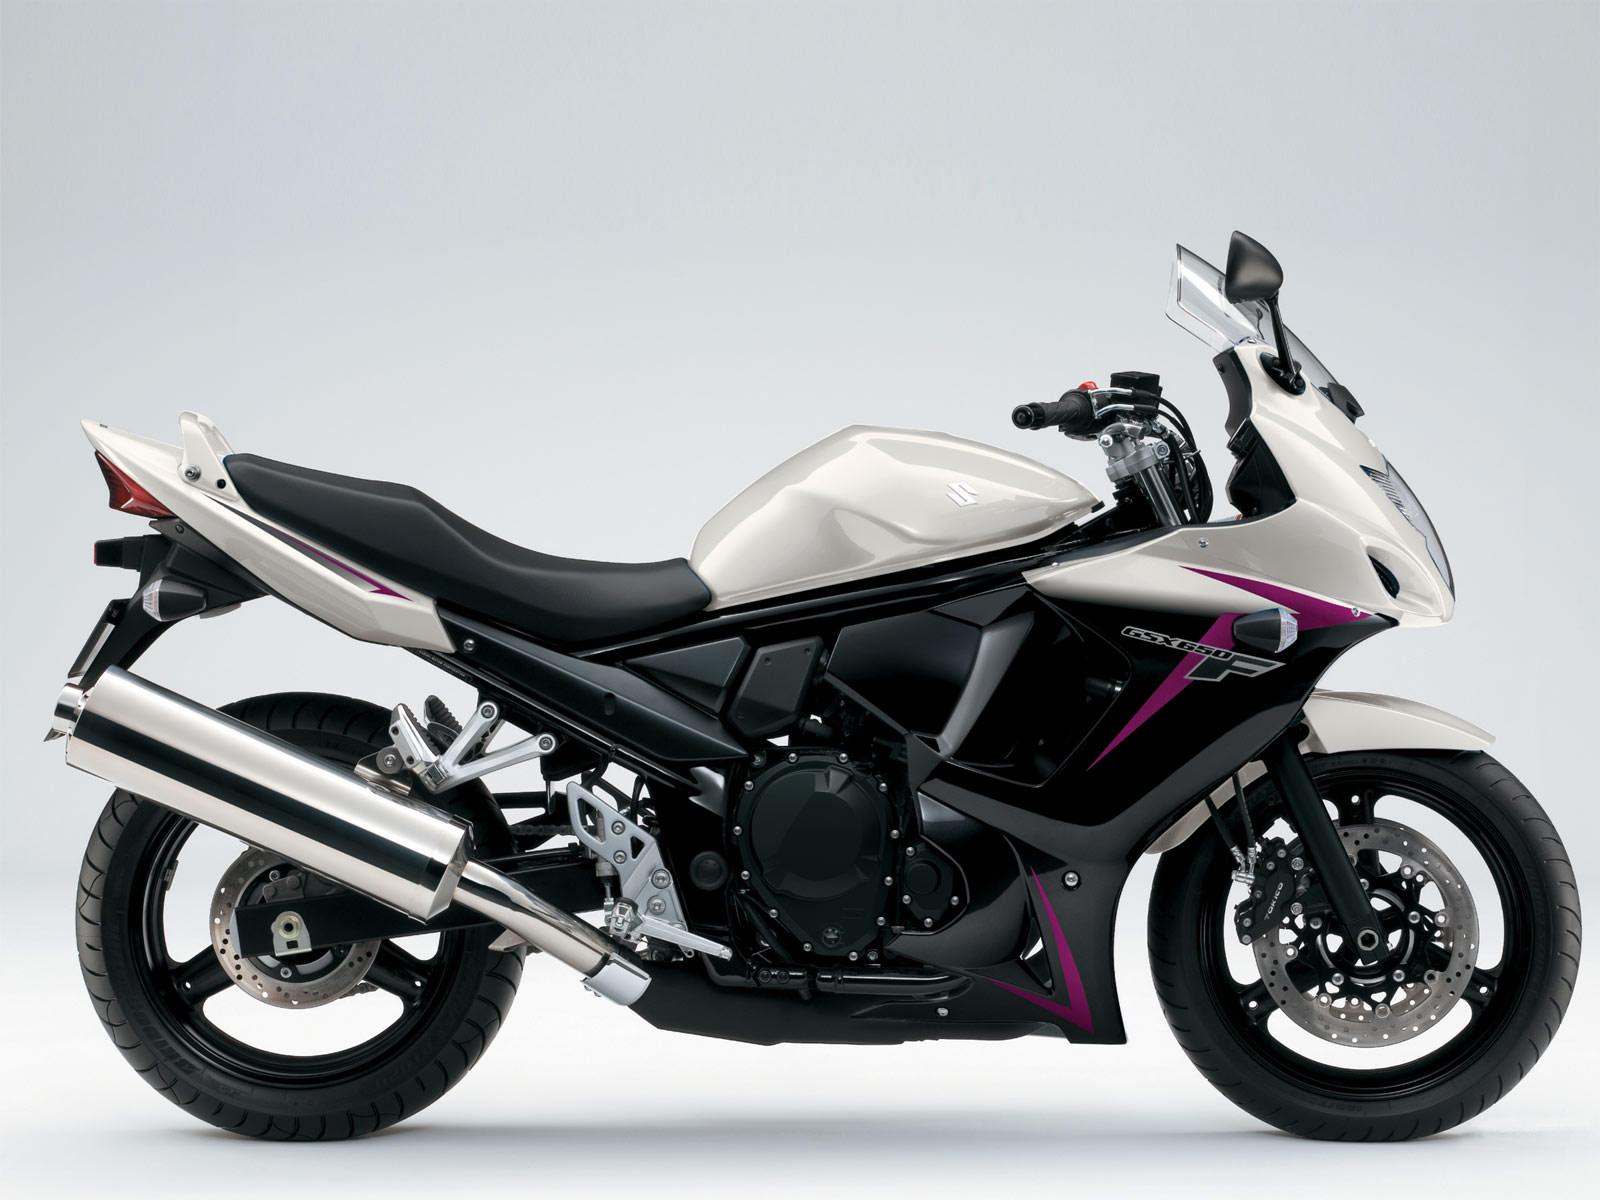 http://3.bp.blogspot.com/-Kwq_J2YMGTk/TuQdtjQE6OI/AAAAAAAAFJo/-nVlldRqtek/s1600/2011_Suzuki_GSX_650_F_motorcycle-desktop-wallpaper_2.jpg